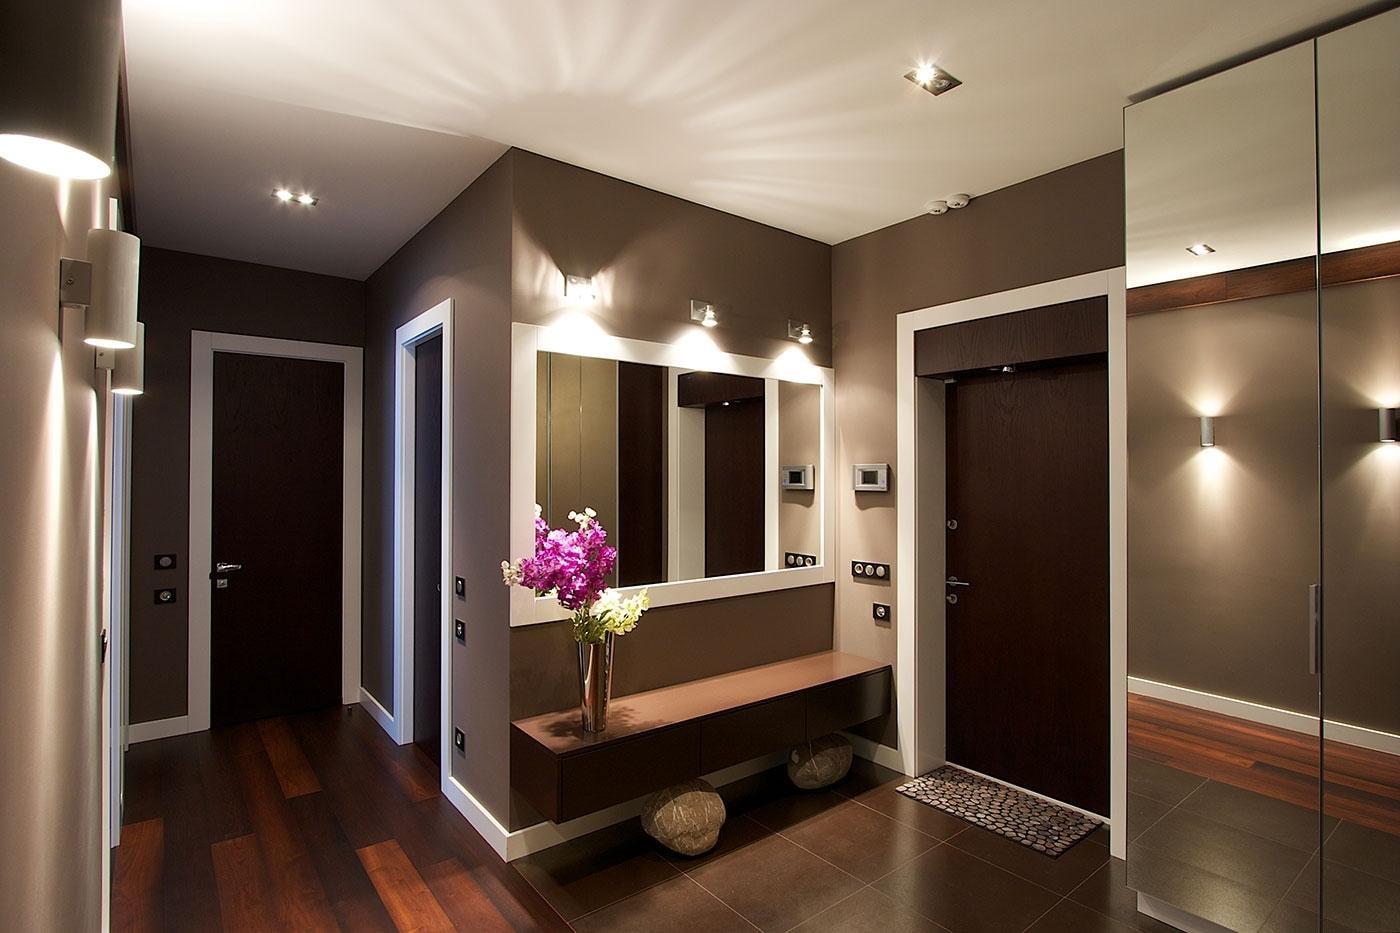 случайно столкнулся красивые коридоры в квартирах фото далеко